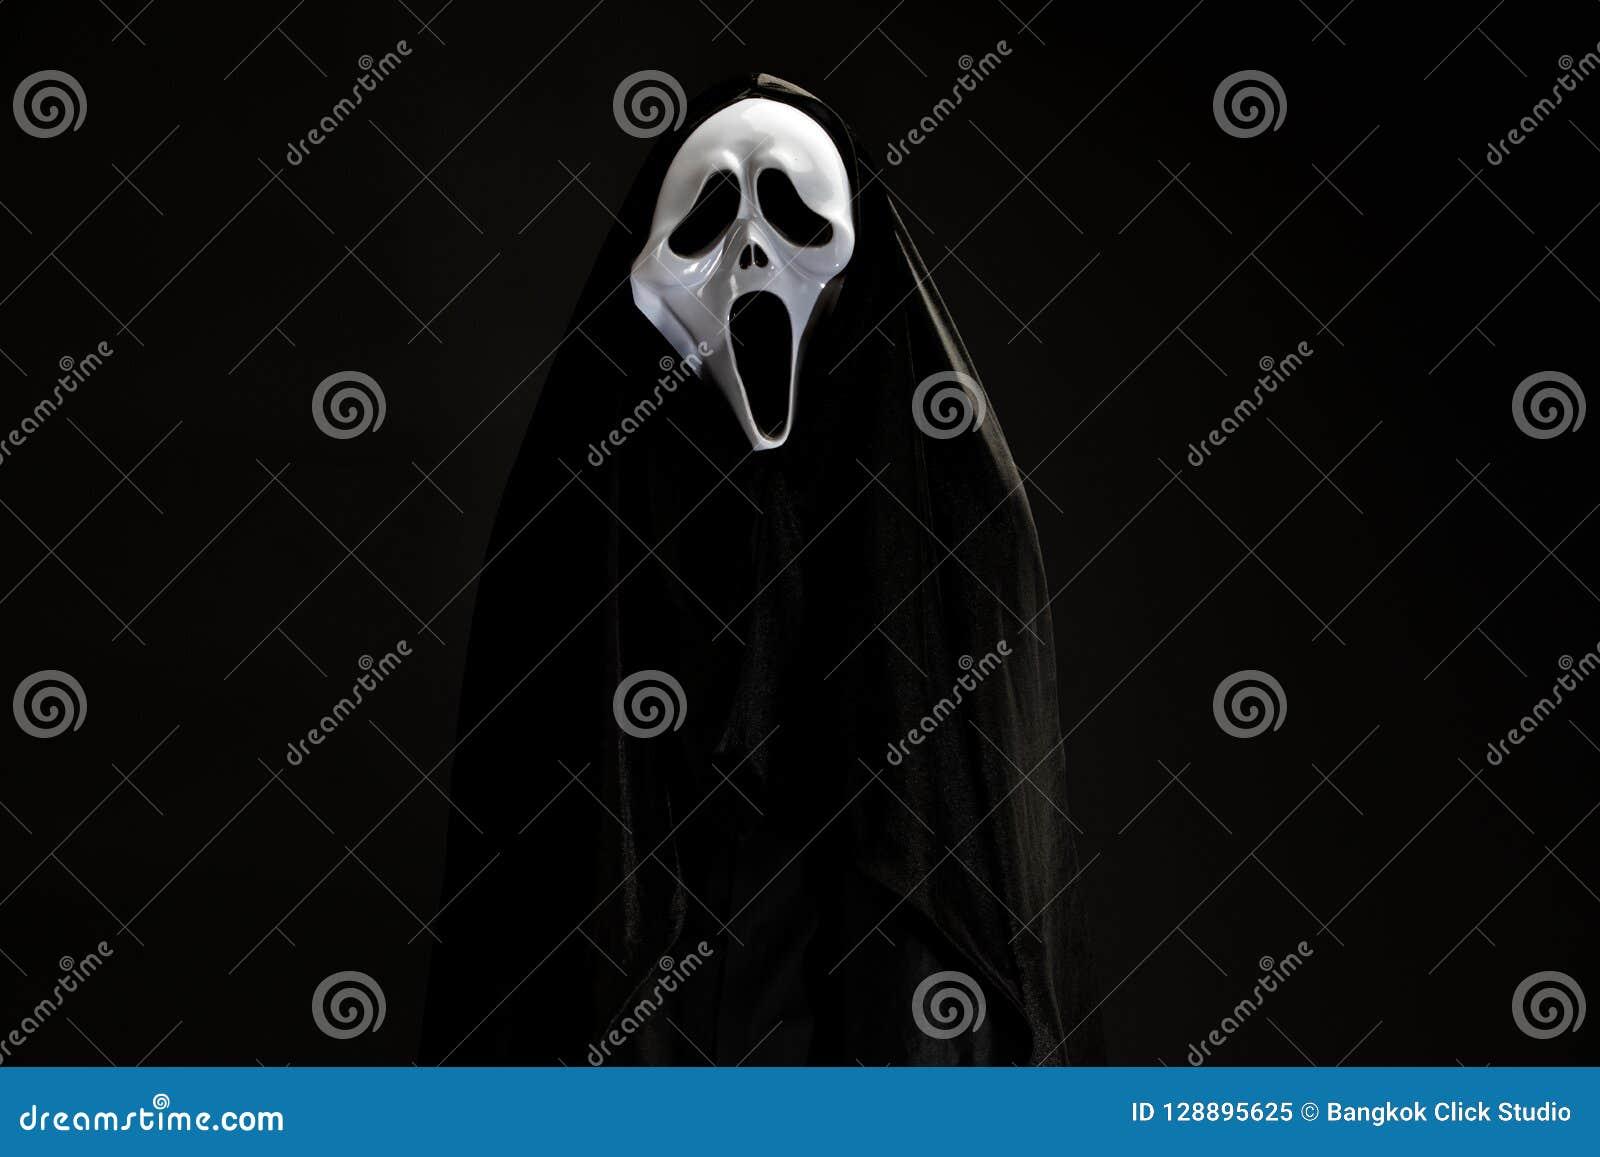 某人有白色鬼魂面具的黑盖子的cosplay对恶魔ac